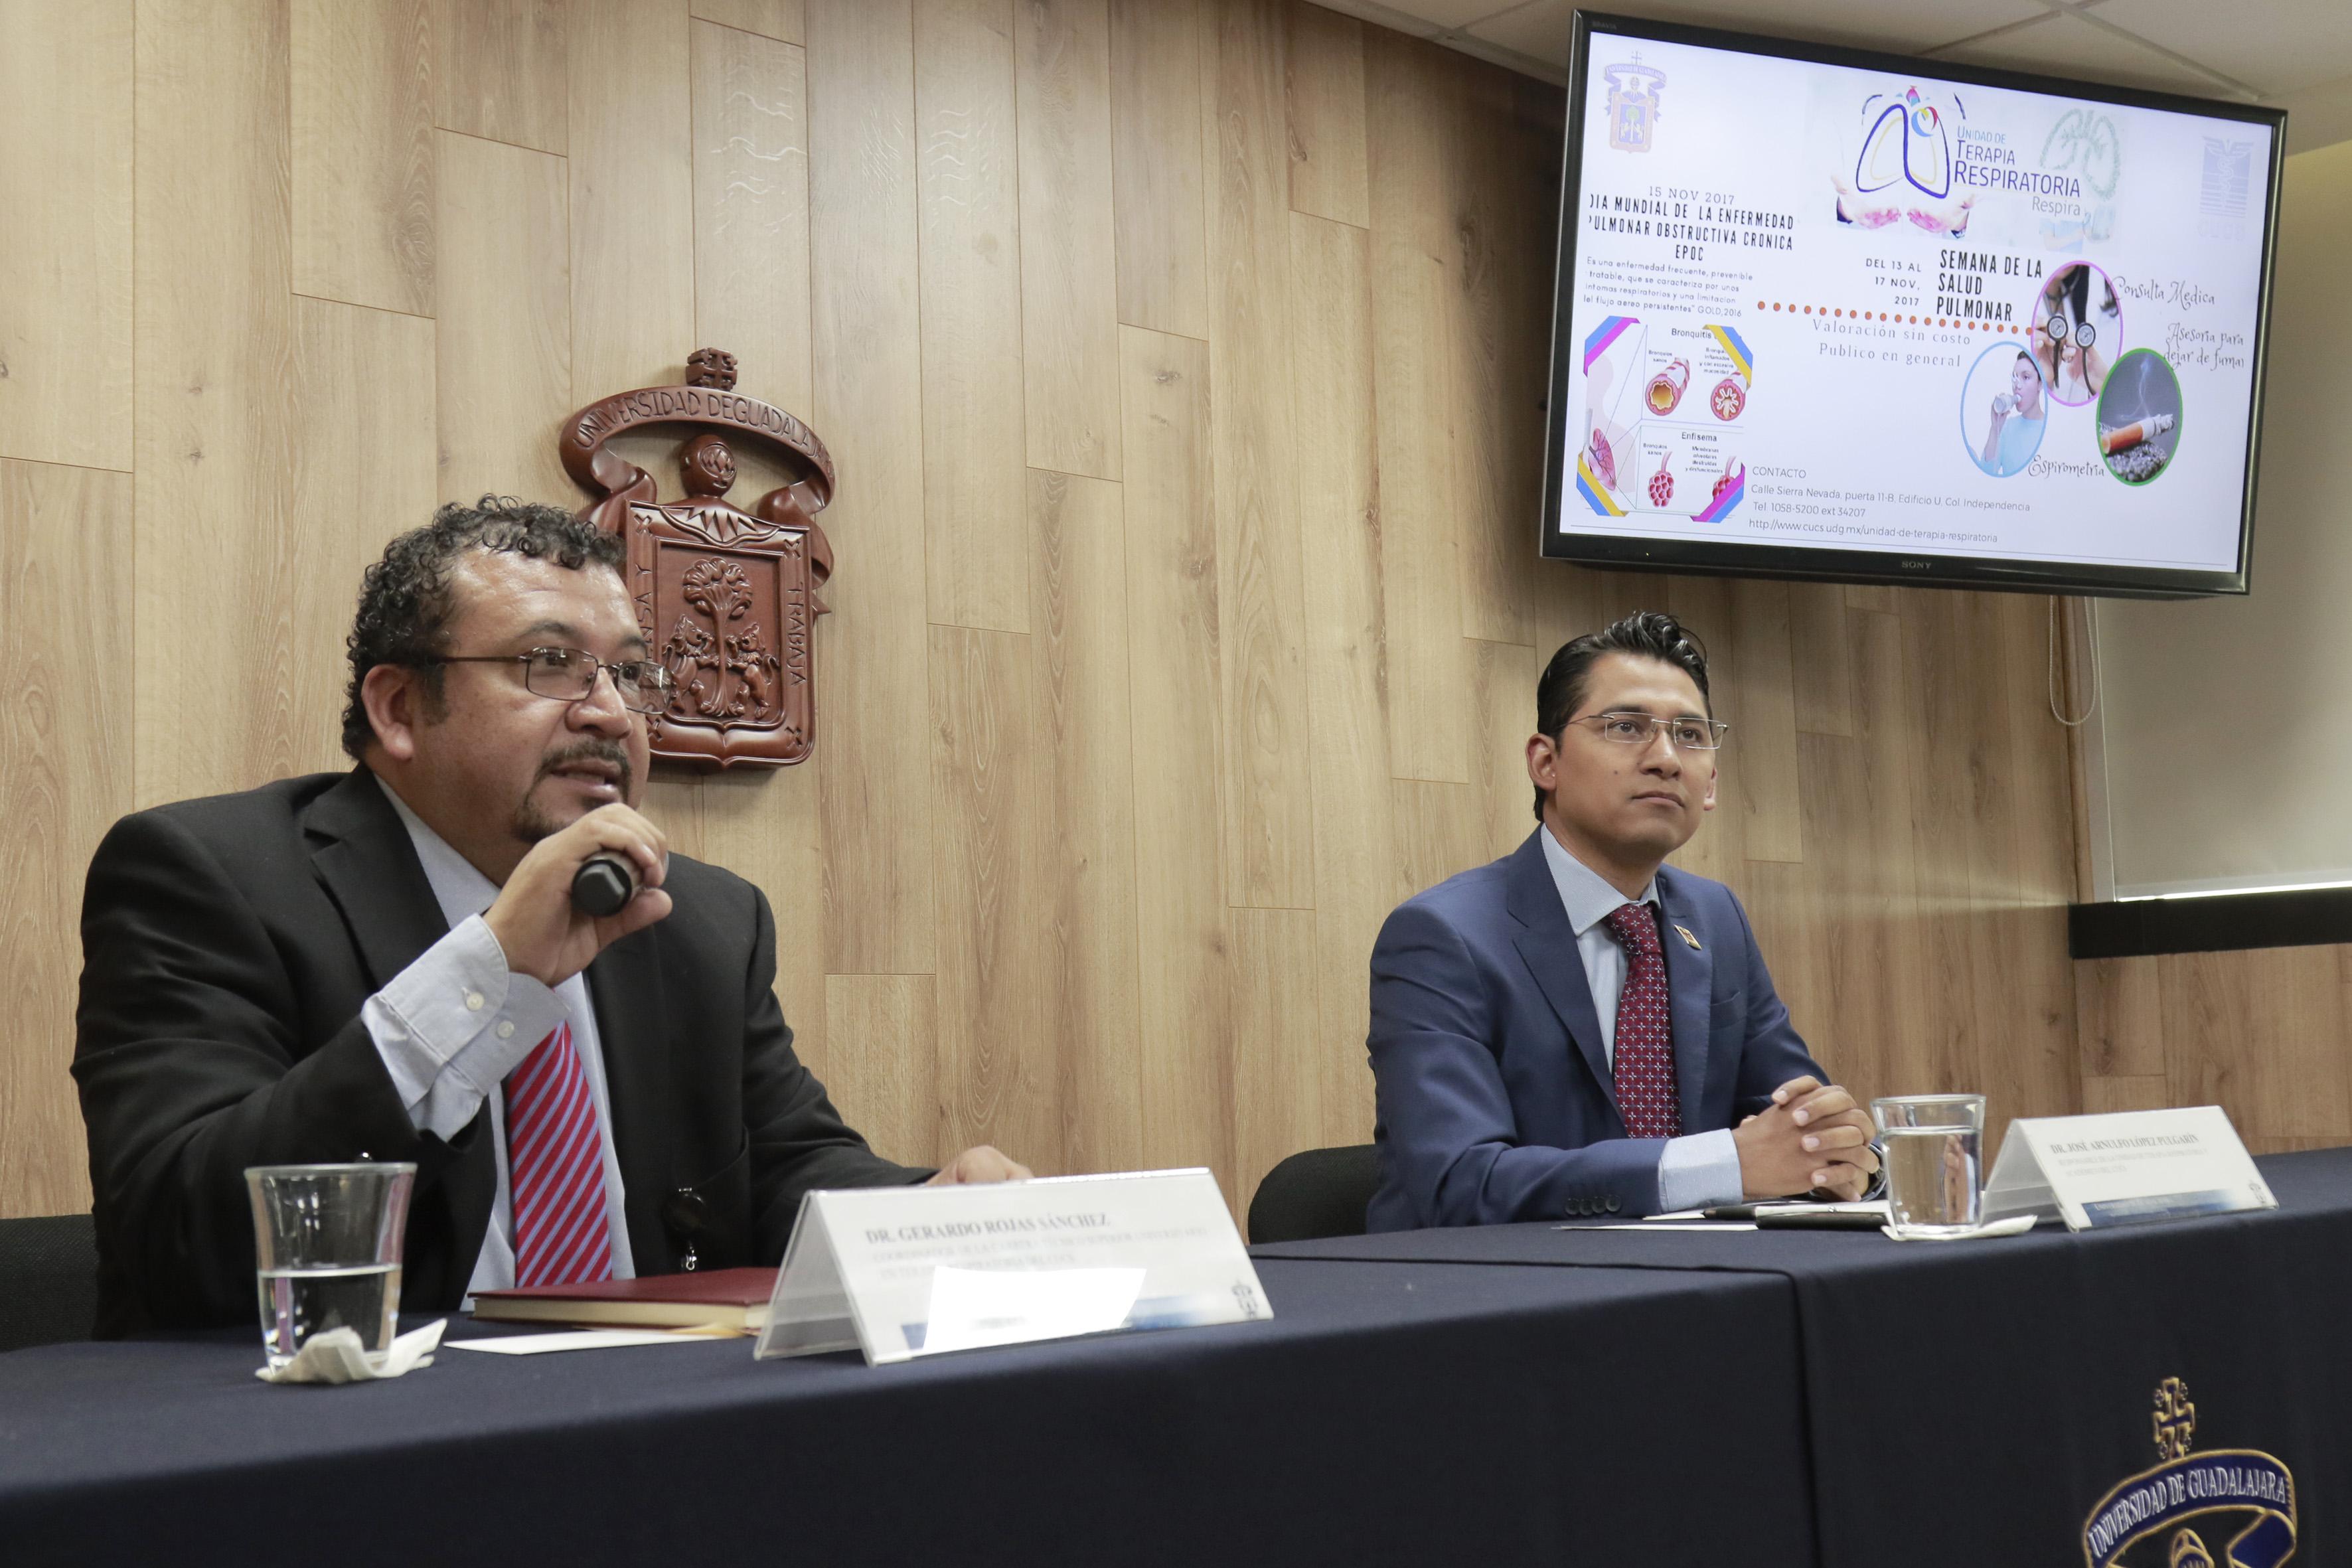 Dr Gerardo Rojas Sánchez, coordinador de la carrera de Técnico Superior Universitario en Terapia Respiratoria, del Centro Universitario de Ciencias de la Salud (CUCS), haciendo uso de la palabra